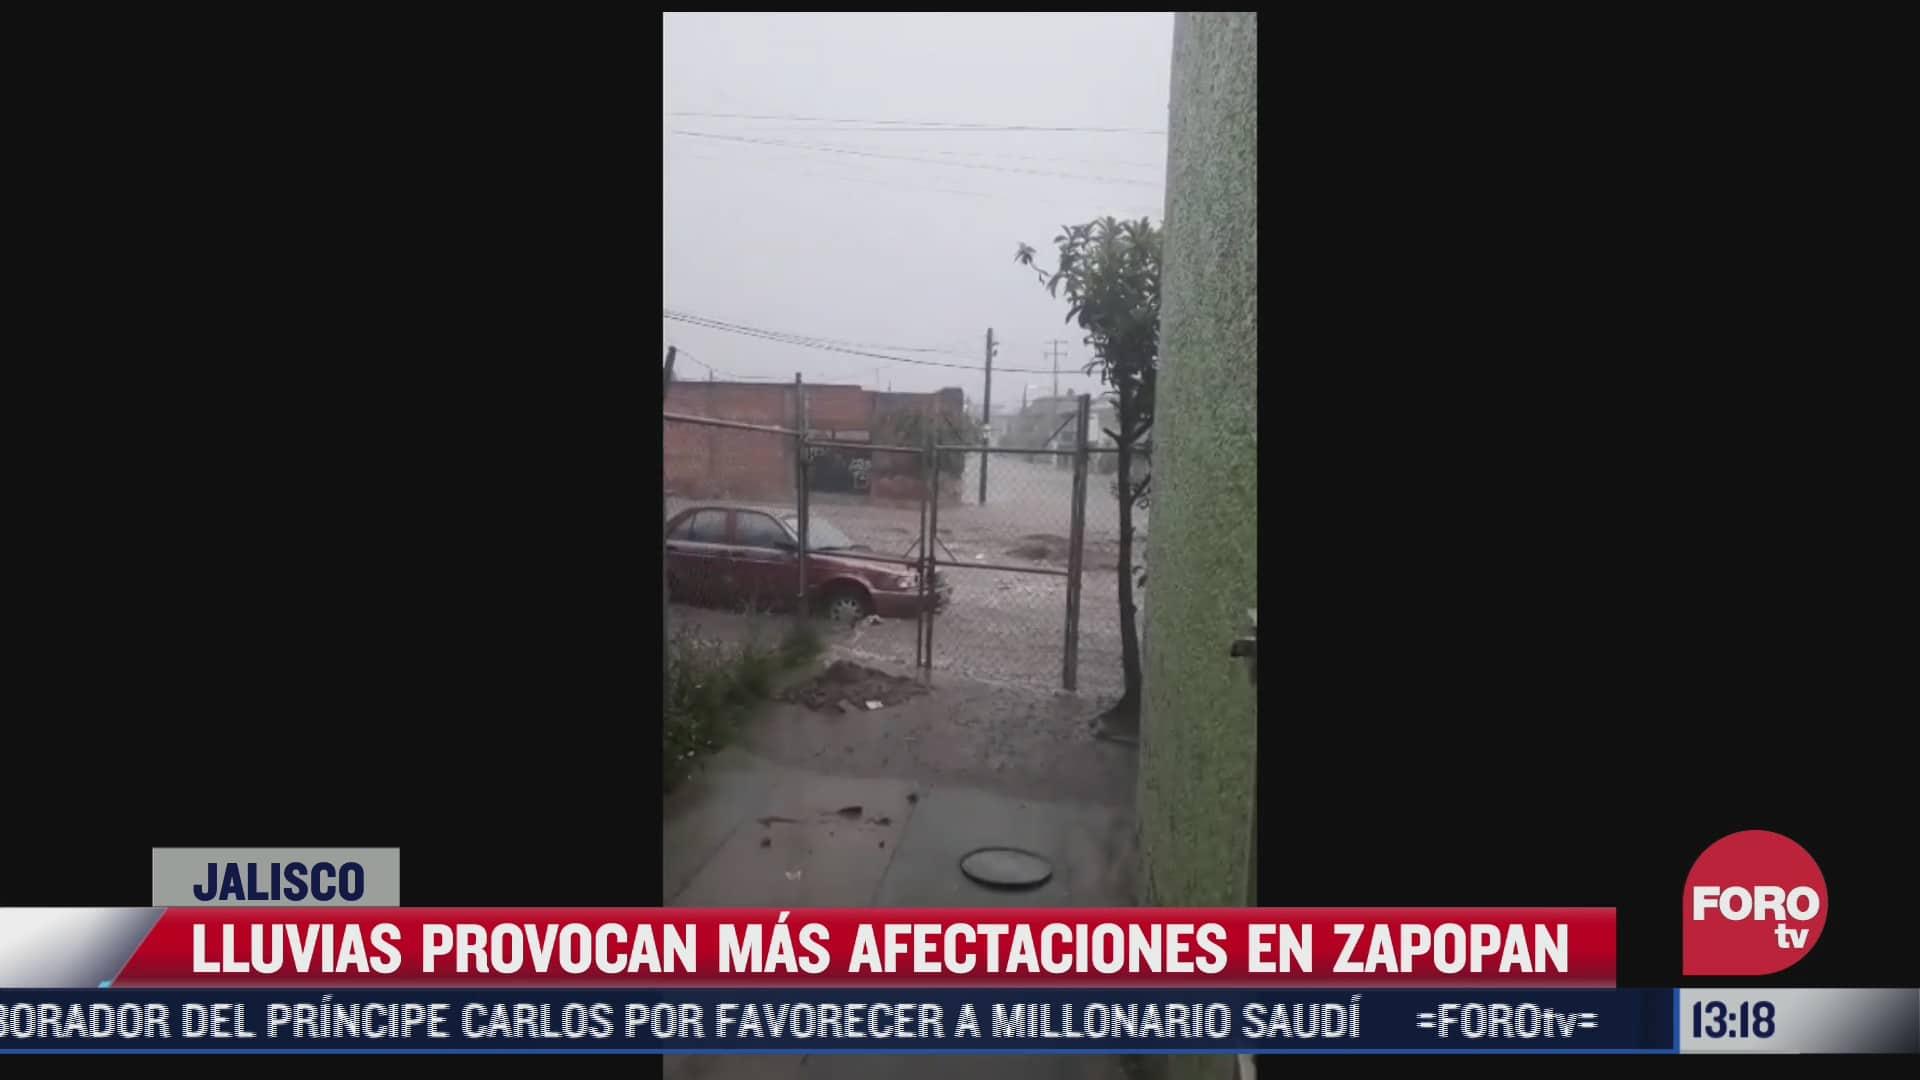 lluvias provocan mas afectaciones en zapopan jalisco